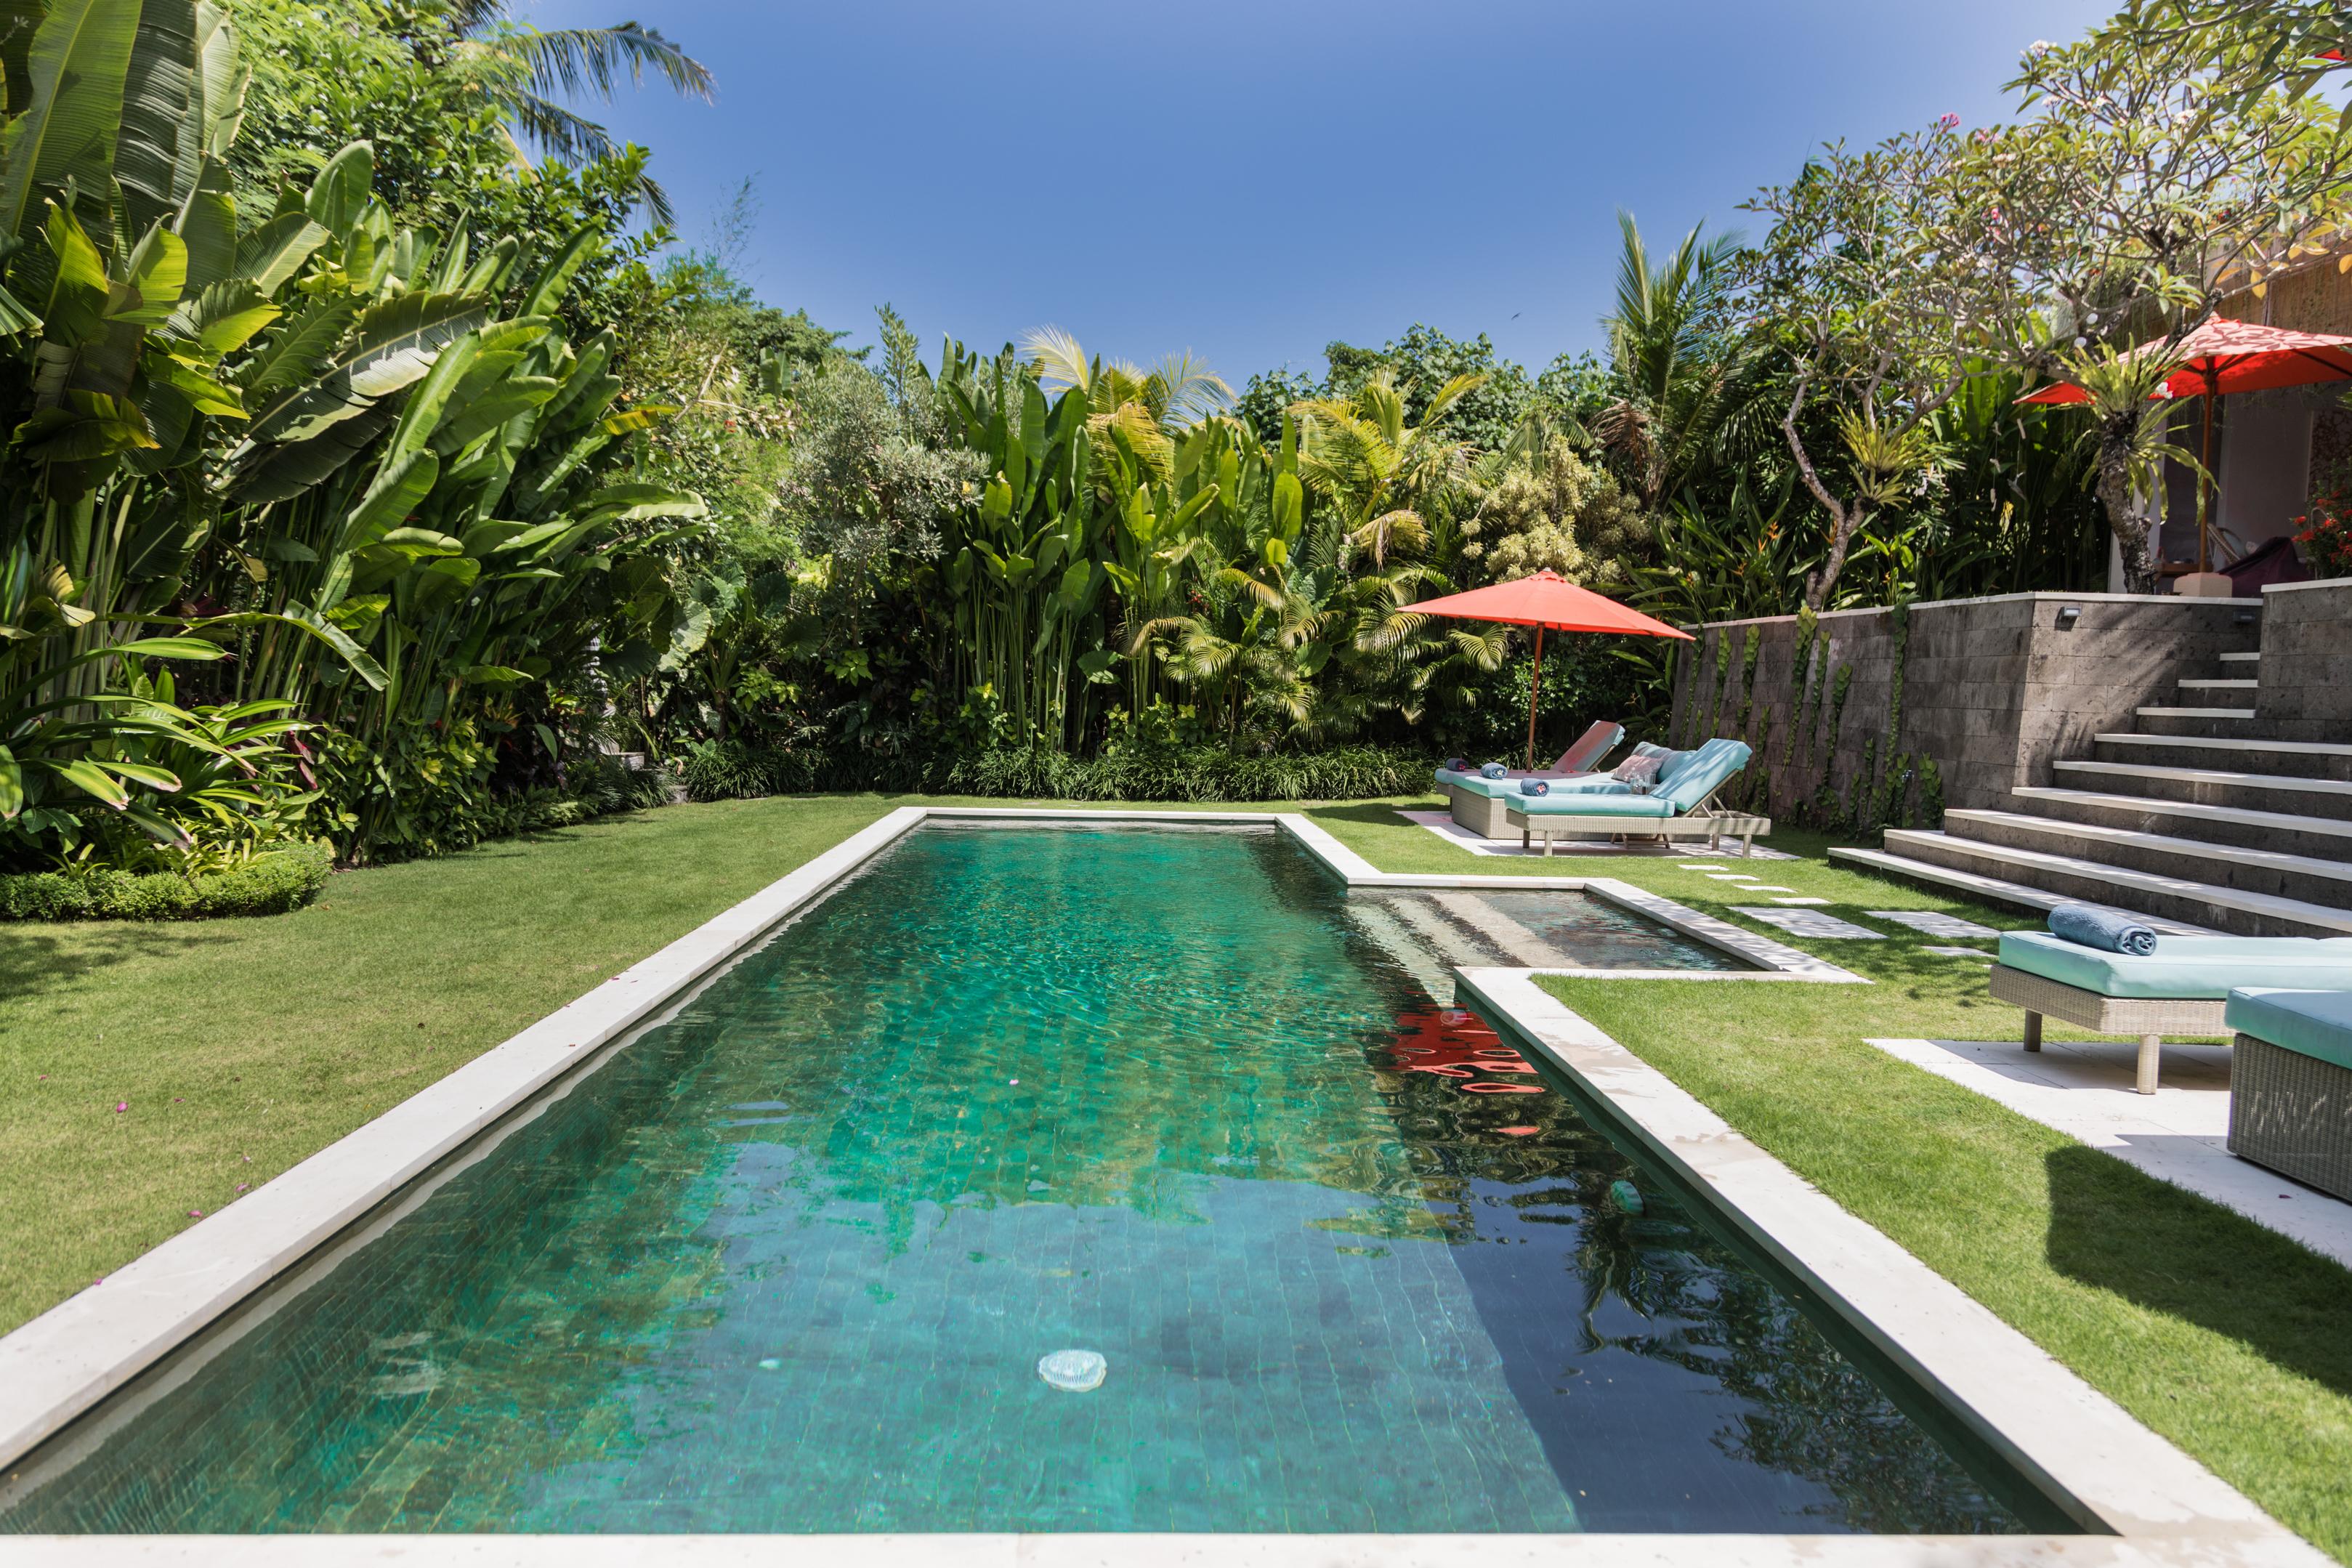 Tropical Garden Pool